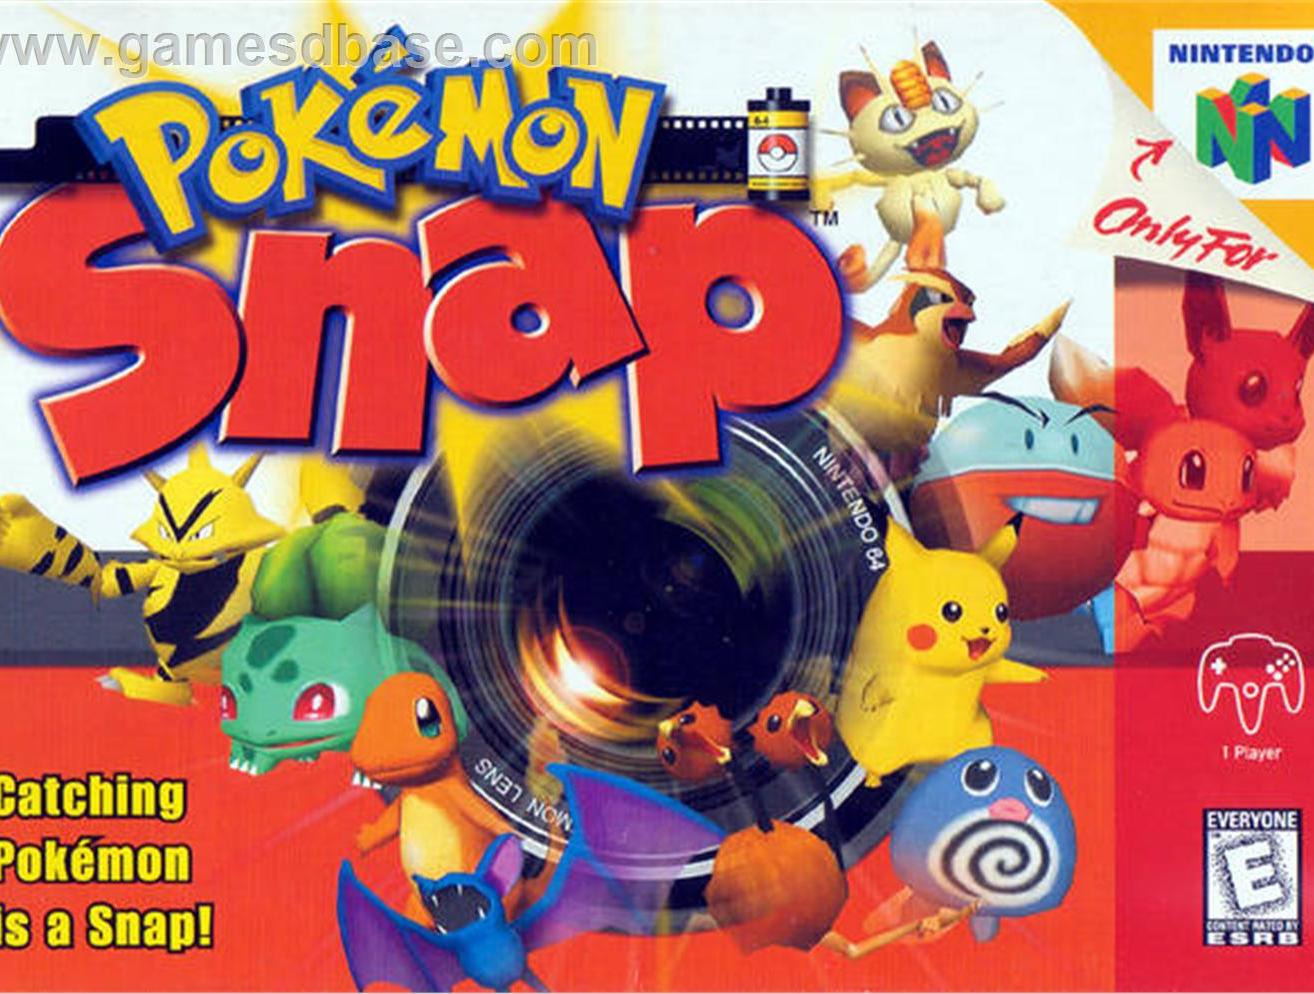 Pokémon Snap saldrá a la venta para la Wii U en Japón